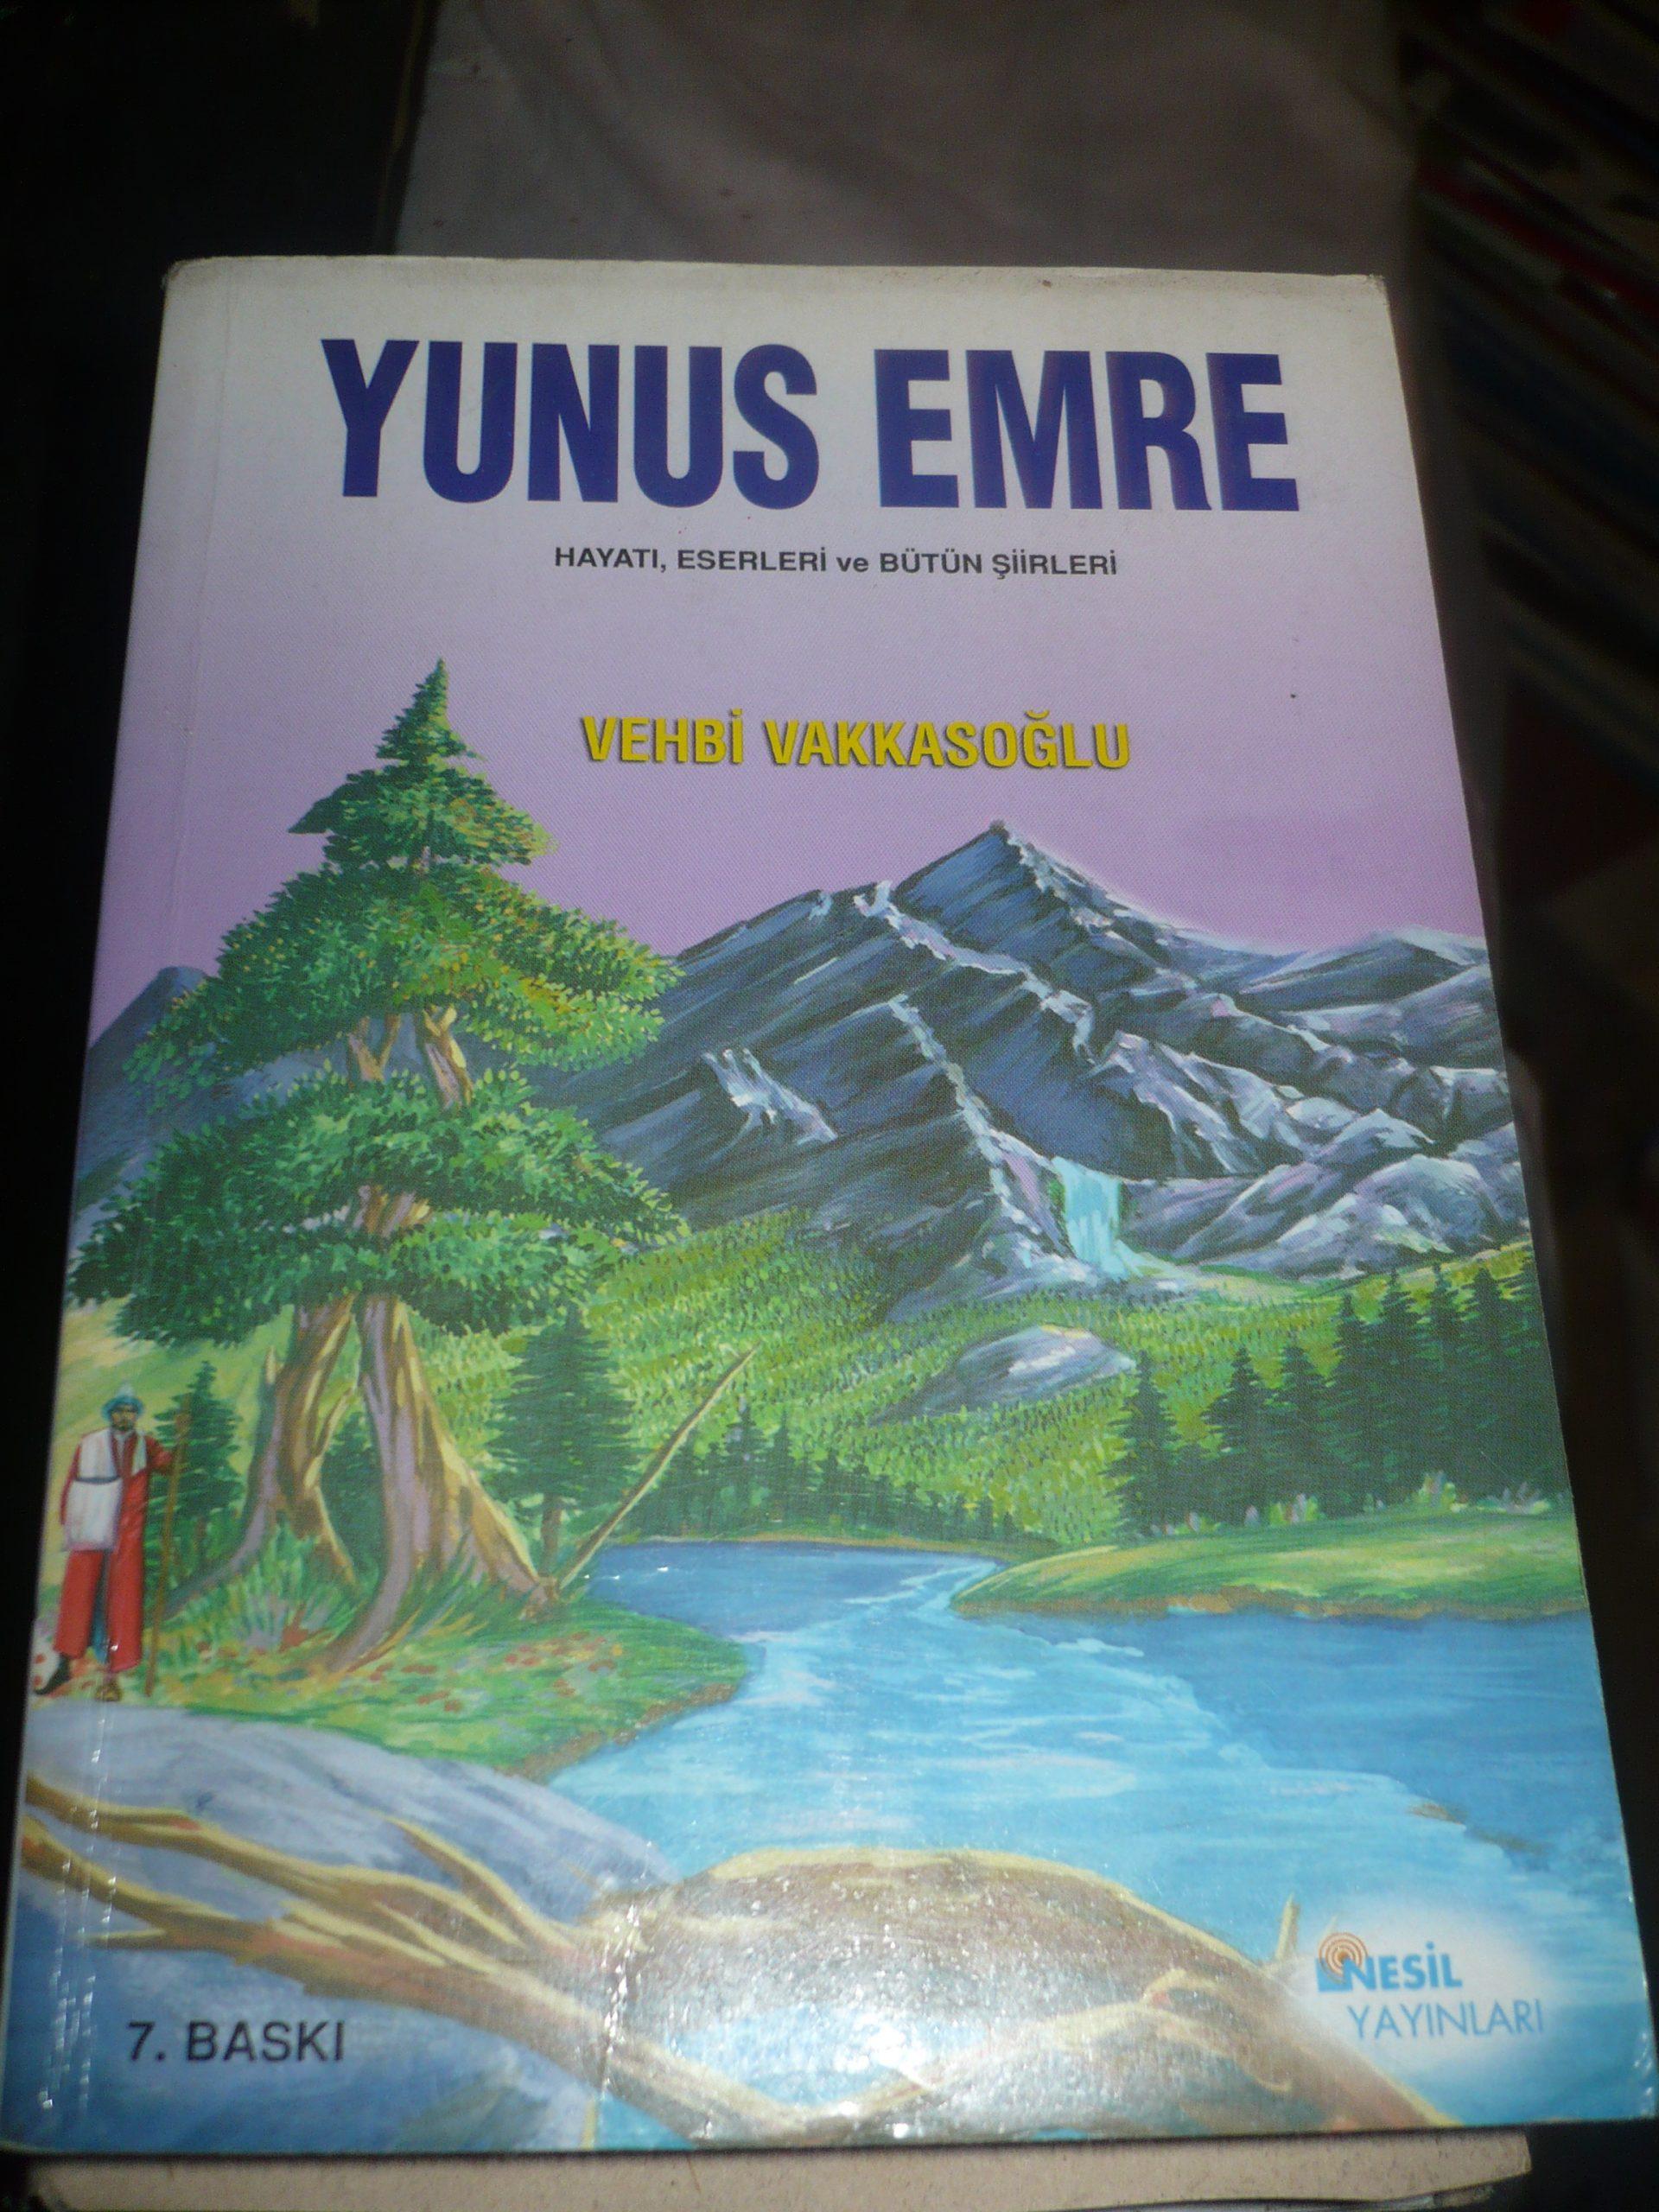 YUNUS EMRE/Vehbi VAKKASOĞLU/10 TL